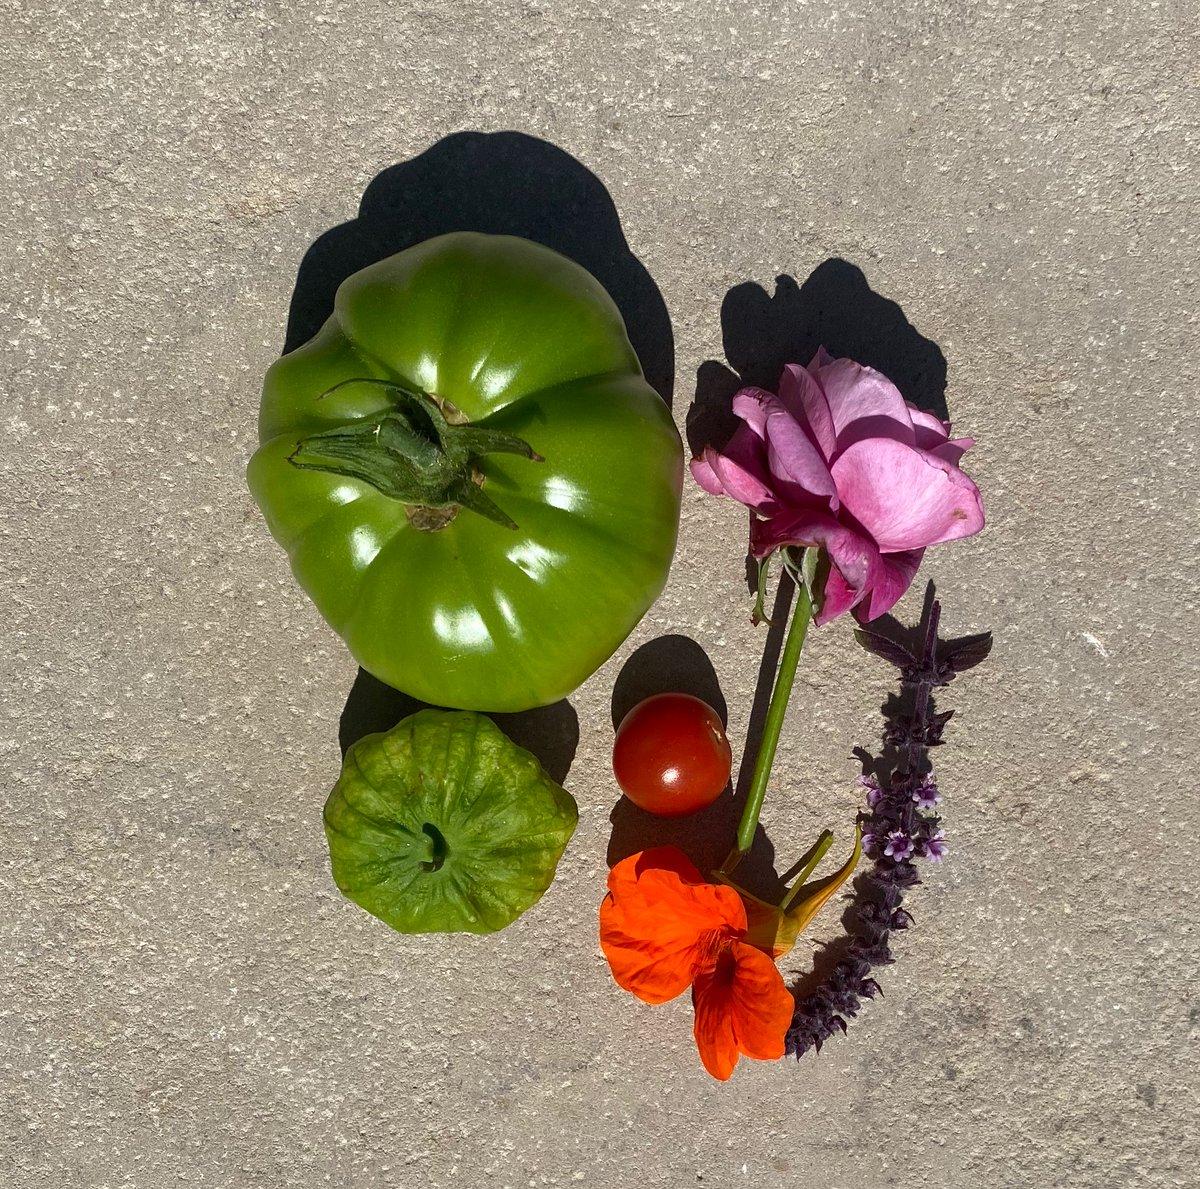 カニエ・ウェスト→キム・カーダシアン:花と野菜のオブジェ